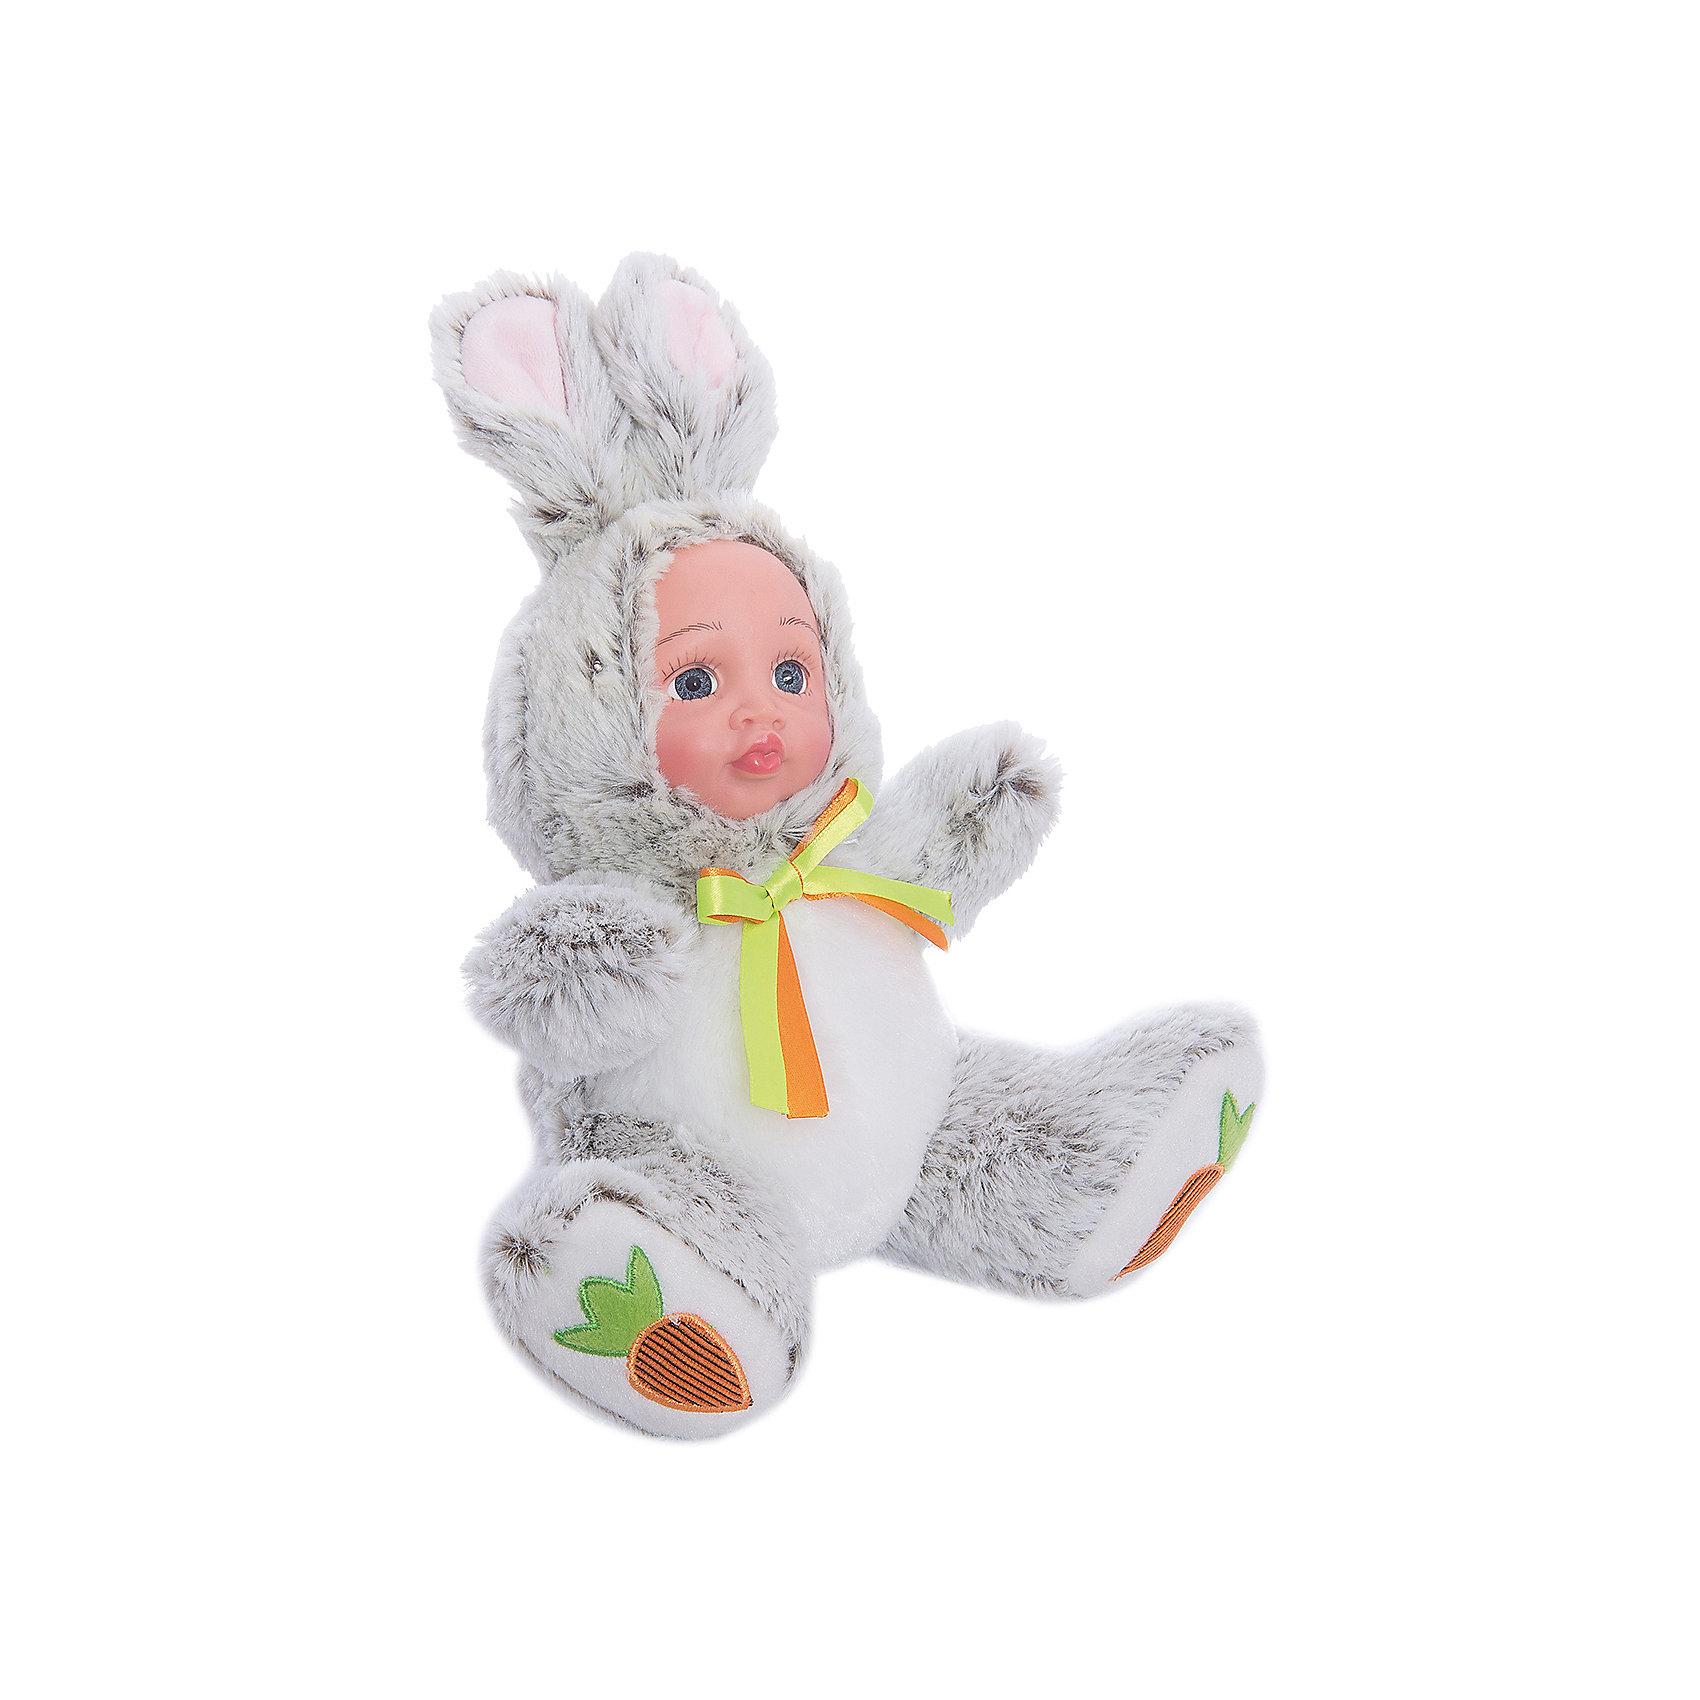 Игрушка Мой зайчонок, Fluffy FamilyТакая игрушка - милая вариация стандартной куклы–младенца. Малыш выполнен из пластика и тщательно прорисованным личиком. Одета кукла в костюм совенка. Ткань приятна на ощупь и малышу понравится играть с куклой. Игрушка подходит для одиночной игры малыша и для игр в компании. Не содержит мелких деталей. Кукла из коллекционной серии. Соберите весь набор! Материалы, использованные при изготовлении товара, абсолютно безопасны и отвечают всем международным требованиям по качеству.<br><br>Дополнительные характеристики:<br><br>материал: ПВХ, искусственный мех, пластик;<br>габариты: 20 X 9 X 30 см;<br>наполнитель: полиэтиленовые гранулы.<br><br>Игрушку Мой зайчонок от компании Fluffy Family можно приобрести в нашем магазине.<br><br>Ширина мм: 570<br>Глубина мм: 580<br>Высота мм: 450<br>Вес г: 143<br>Возраст от месяцев: 36<br>Возраст до месяцев: 96<br>Пол: Унисекс<br>Возраст: Детский<br>SKU: 5032465